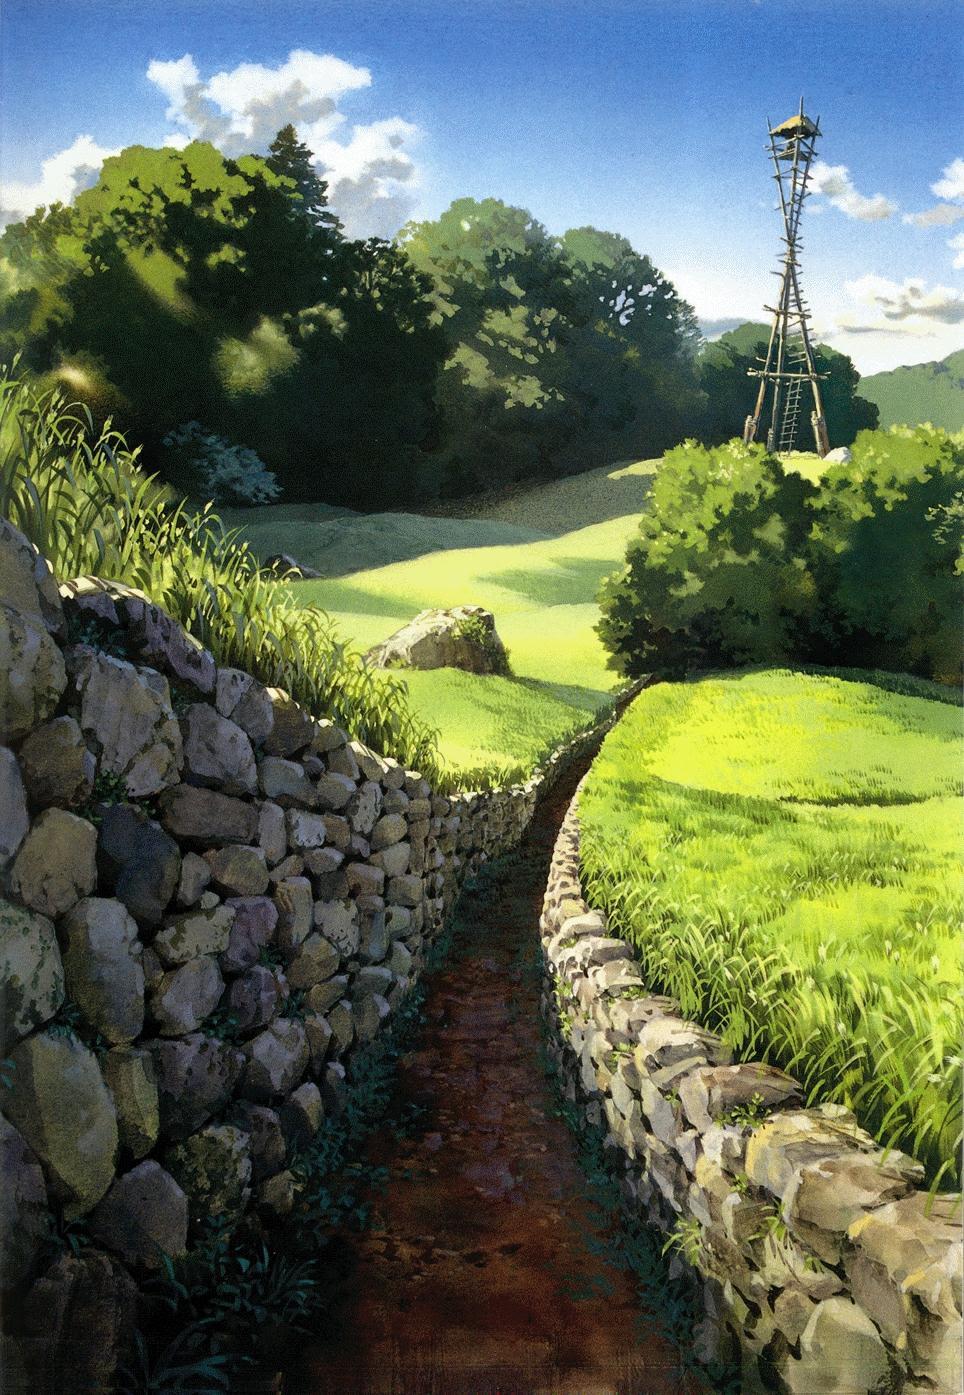 めぐみ日報 癒されまくるジブリの風景壁紙アート